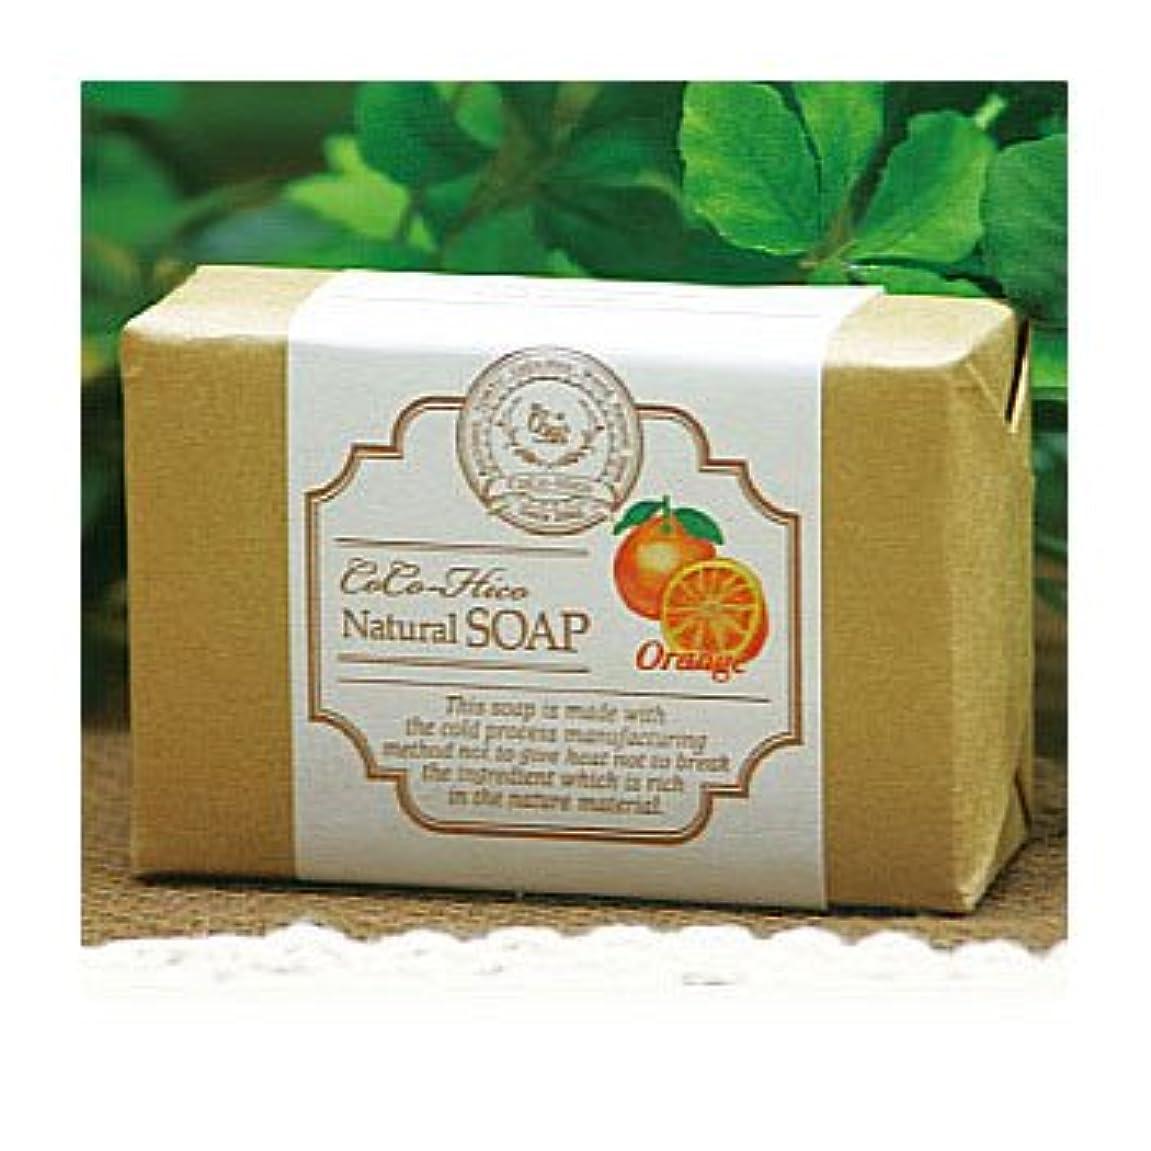 拡大する強化異邦人【無添加 手作り 生せっけん】-CoCo-Hico SOAP-ココヒコ生せっけん オレンジ